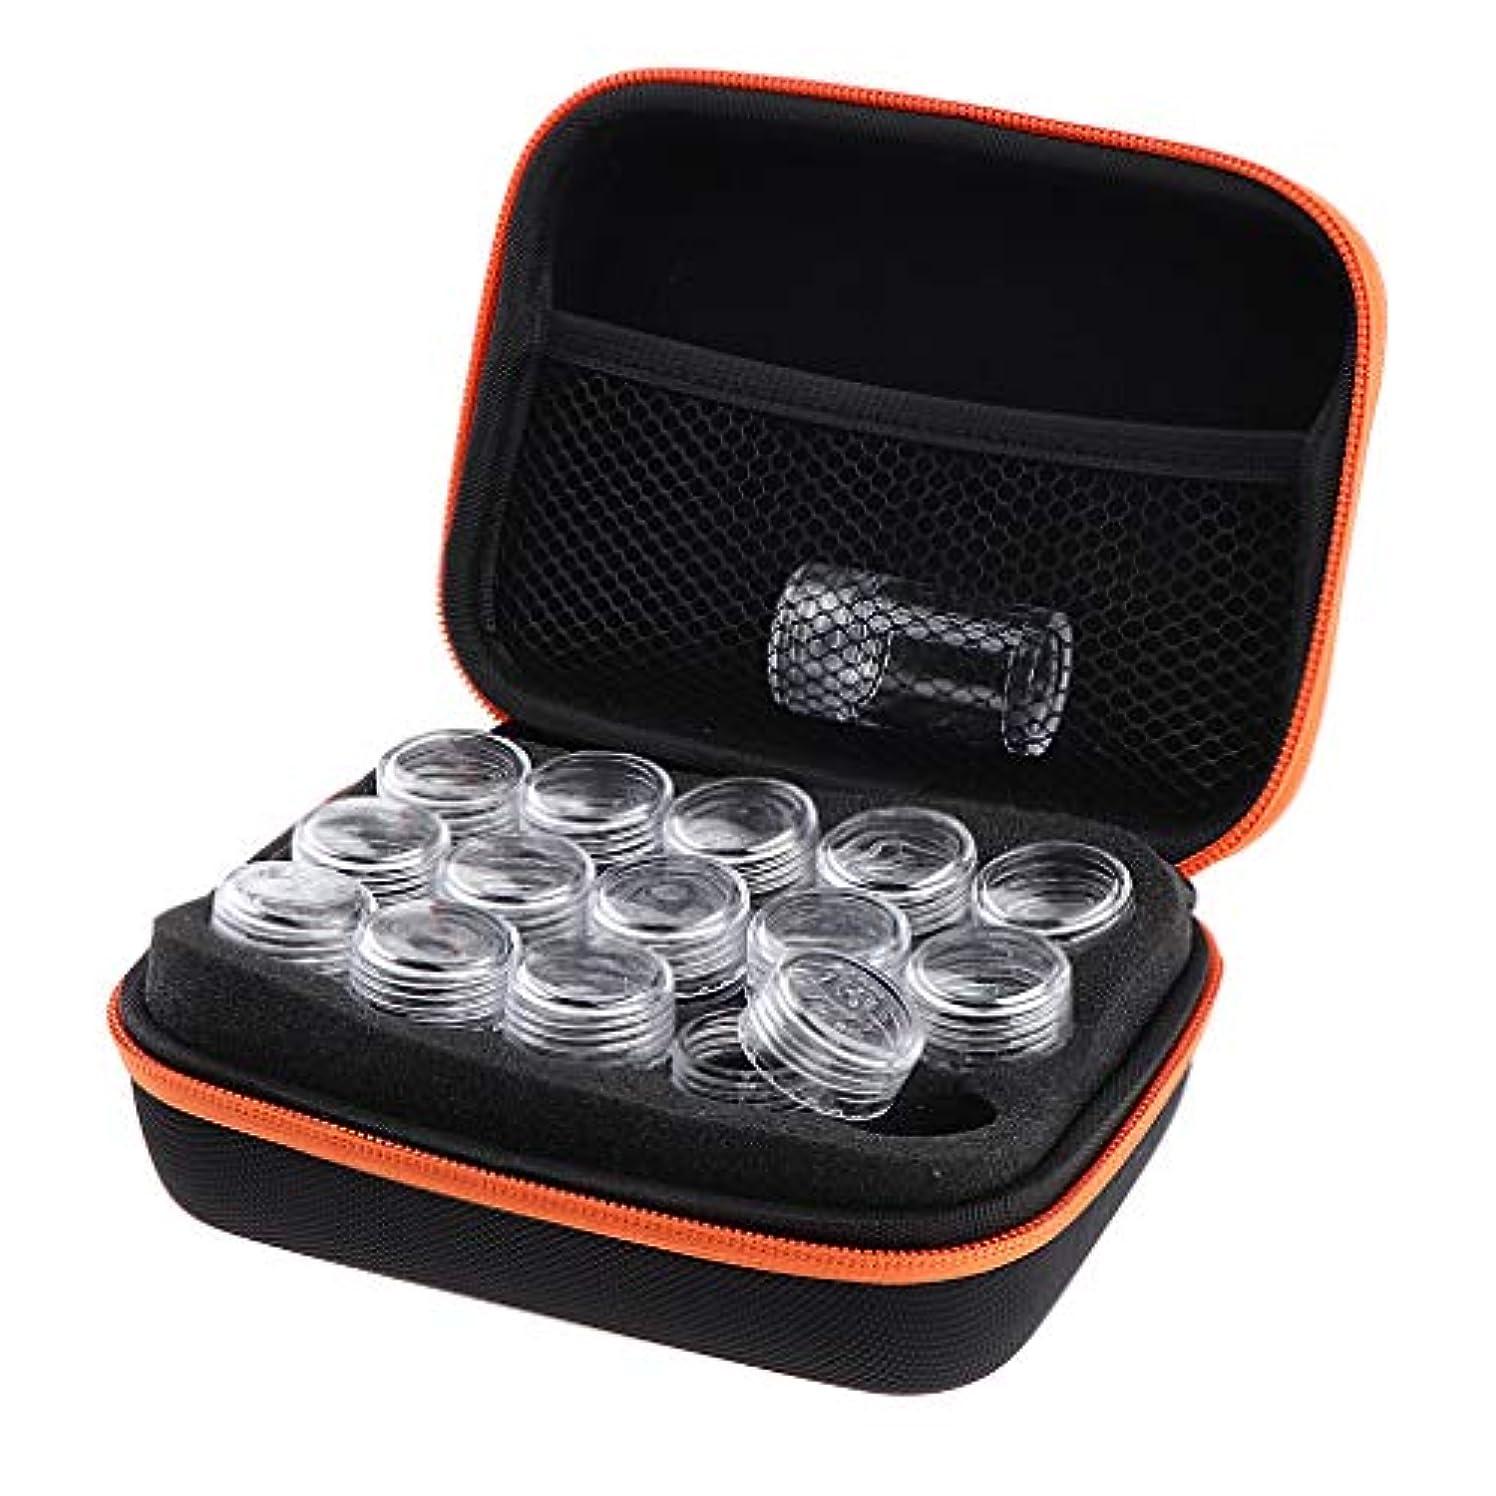 顕著挨拶落花生アロマポーチ 15本用 エッセンシャルオイル ケース 携帯用メイクポーチ 精油ケース 香水収納バッグ - オレンジ